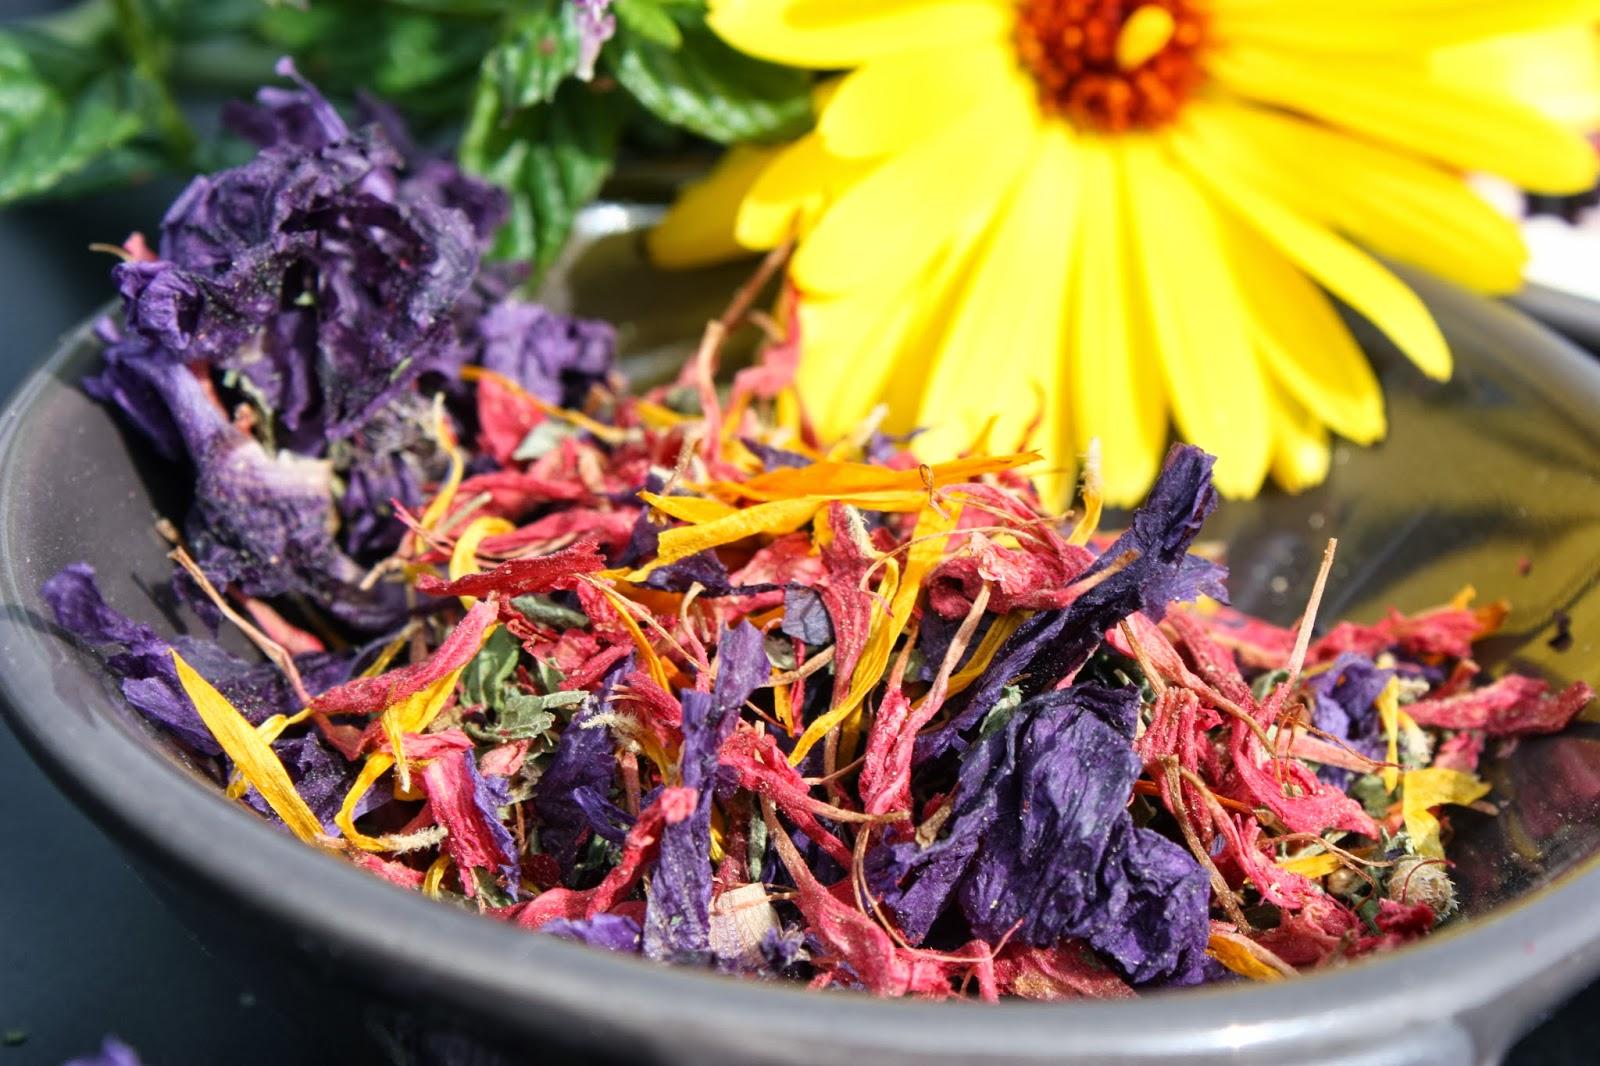 http://cocottechlorophylle.blogspot.fr/2013/10/mon-melange-de-fleurs-pour-desserts.html